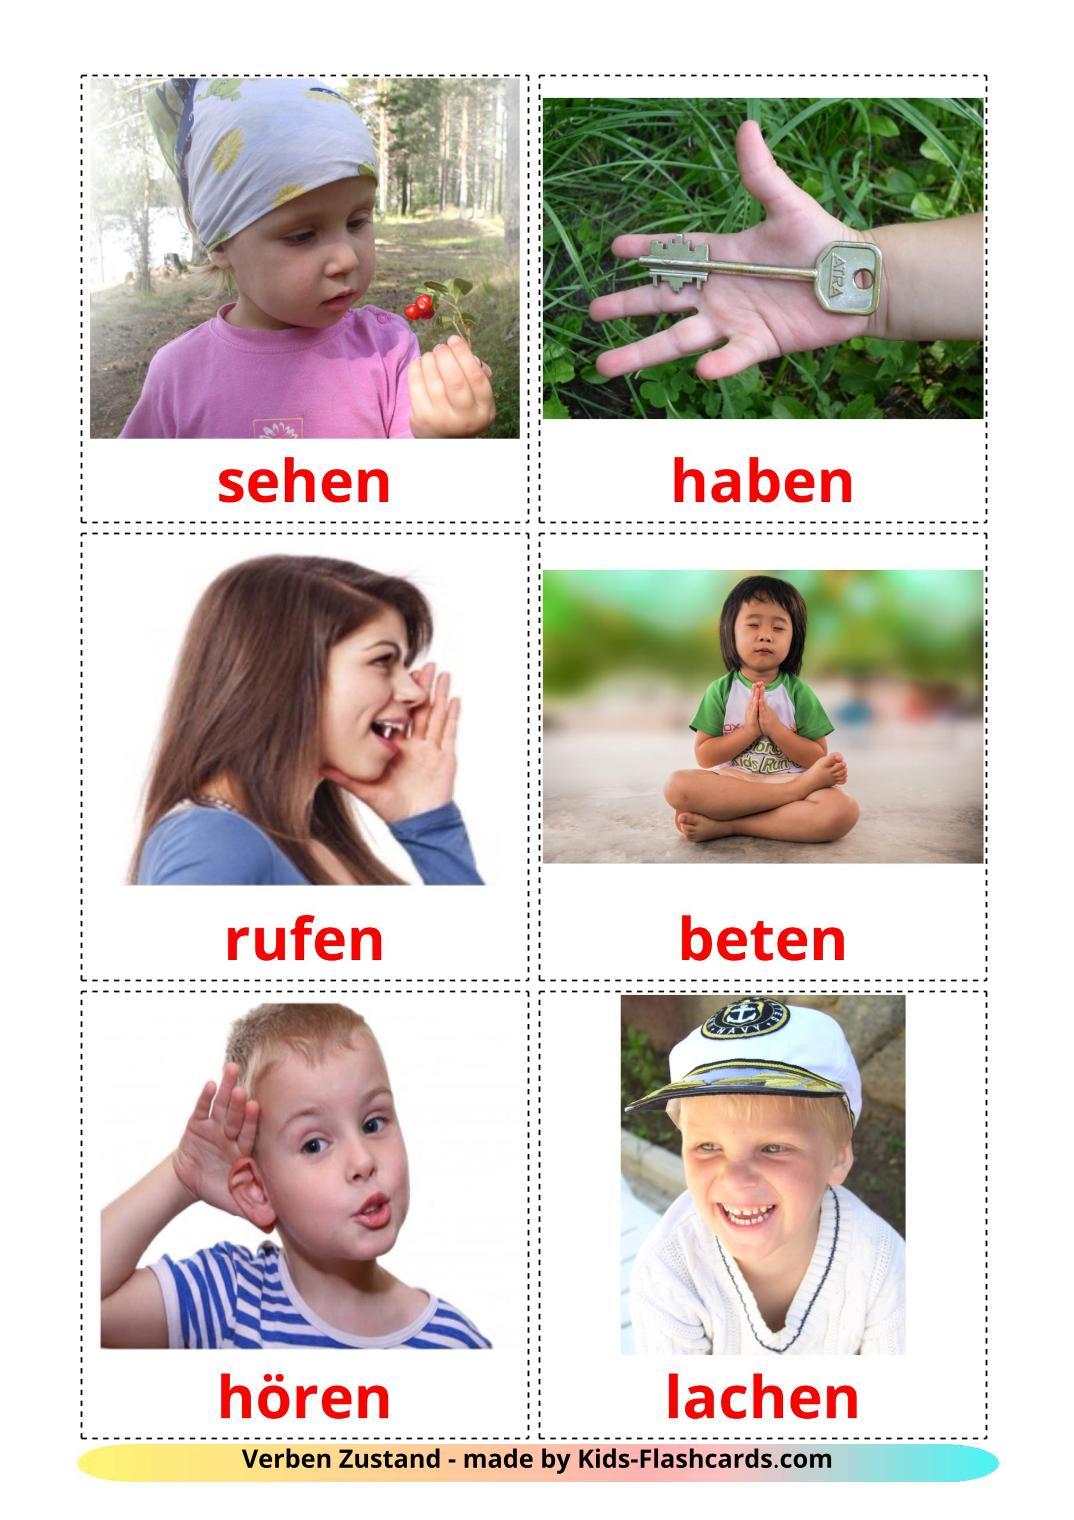 State verbs - 23 Free Printable german Flashcards